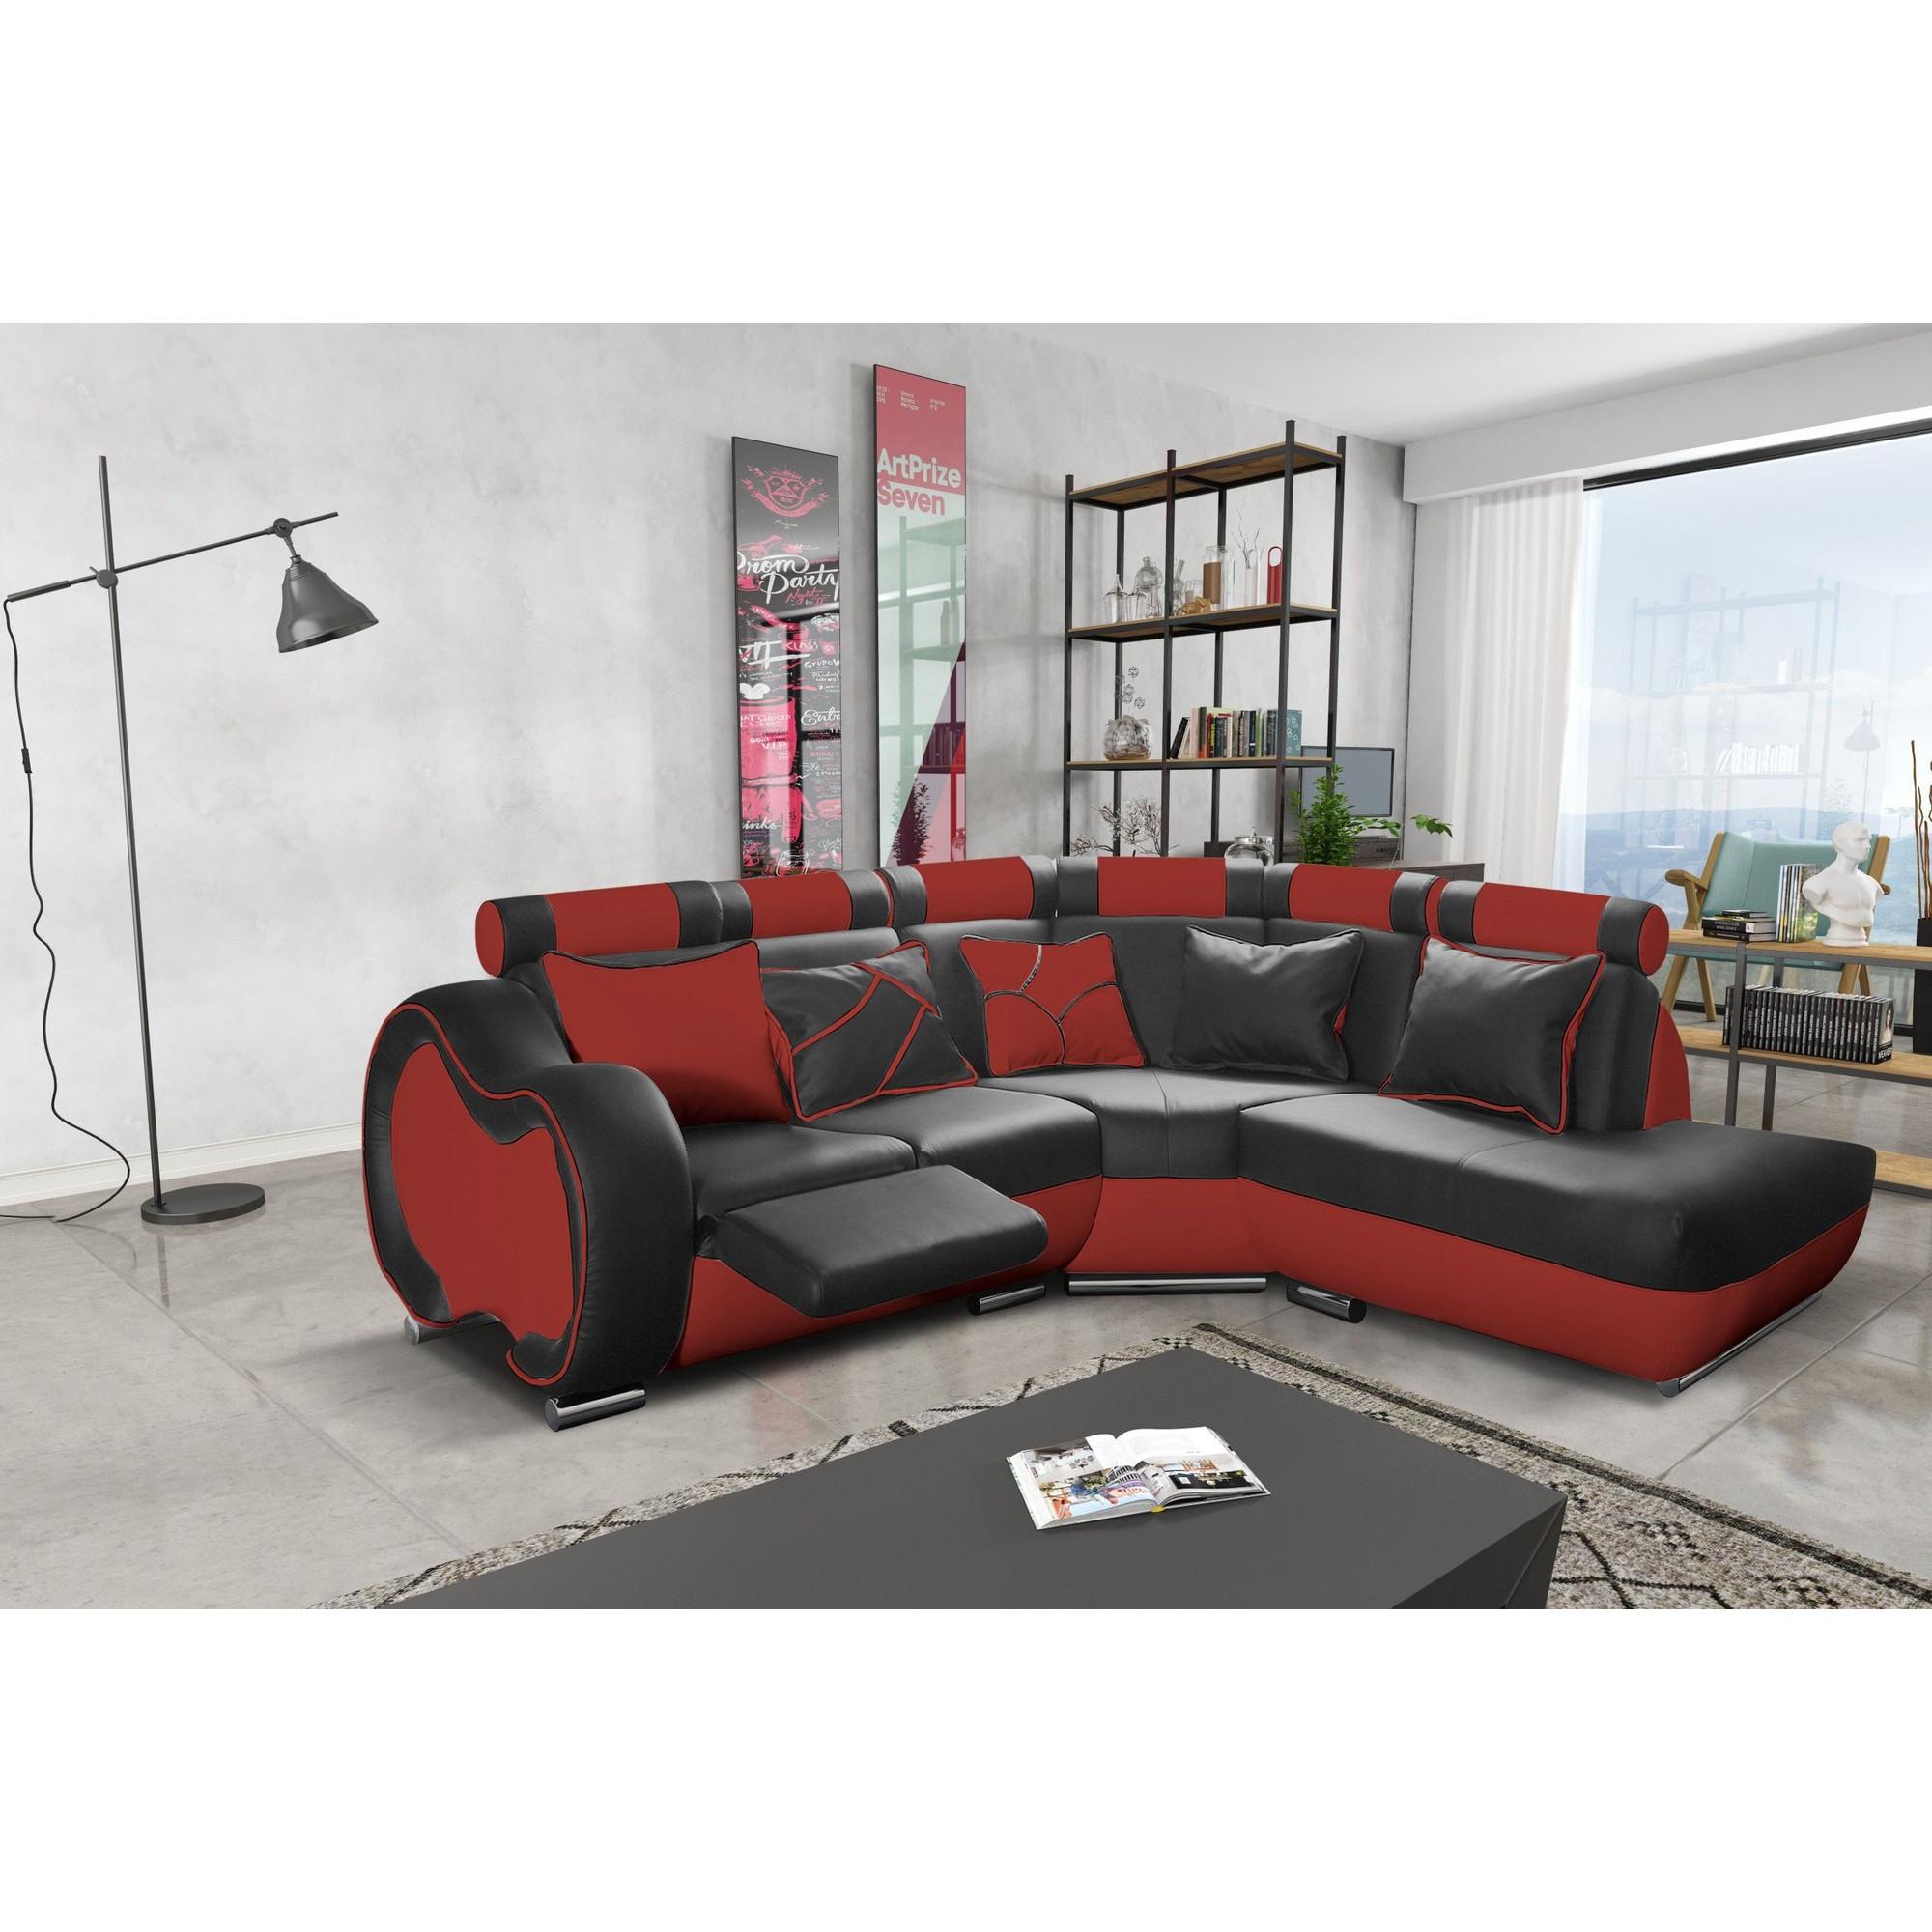 Canapé d angle droit design 4 places avec petite